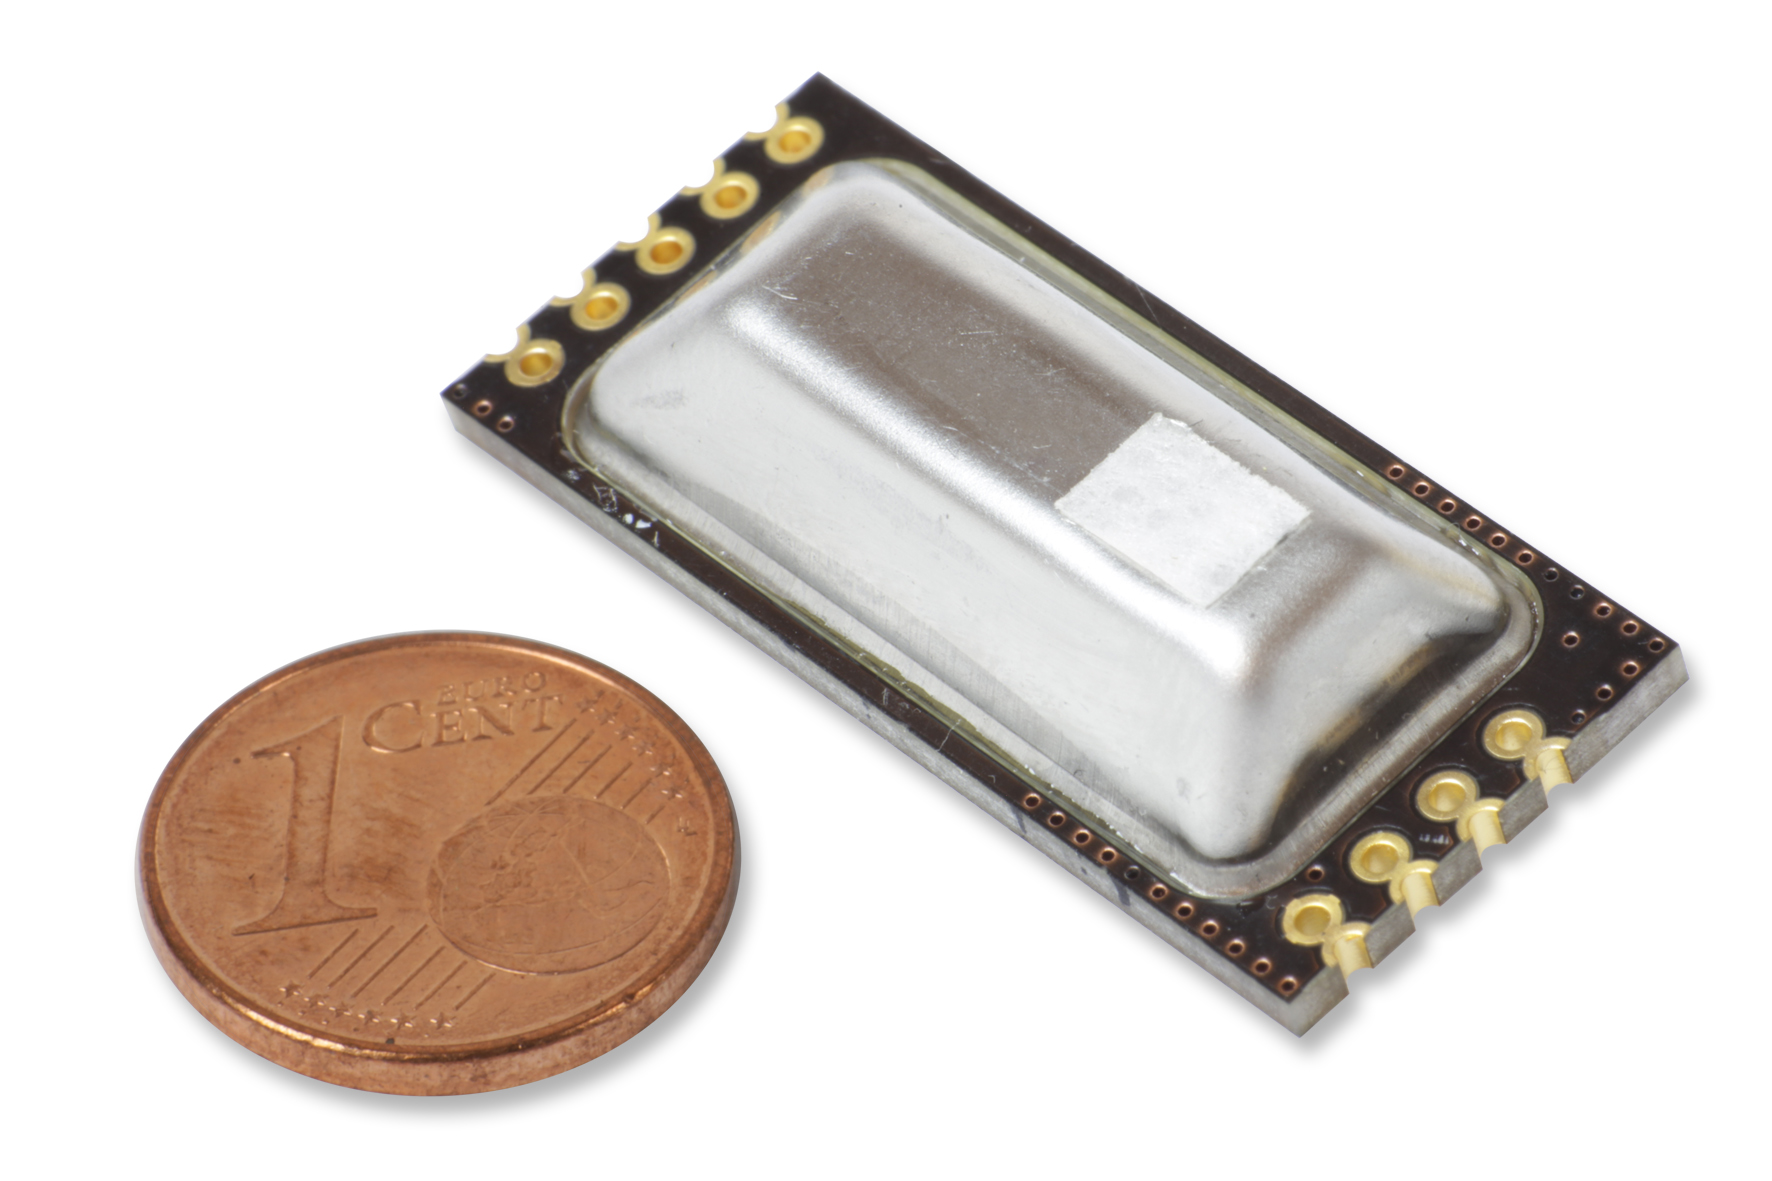 Miniatuur sensor voor CO2, Temperatuur en Barometrische druk.